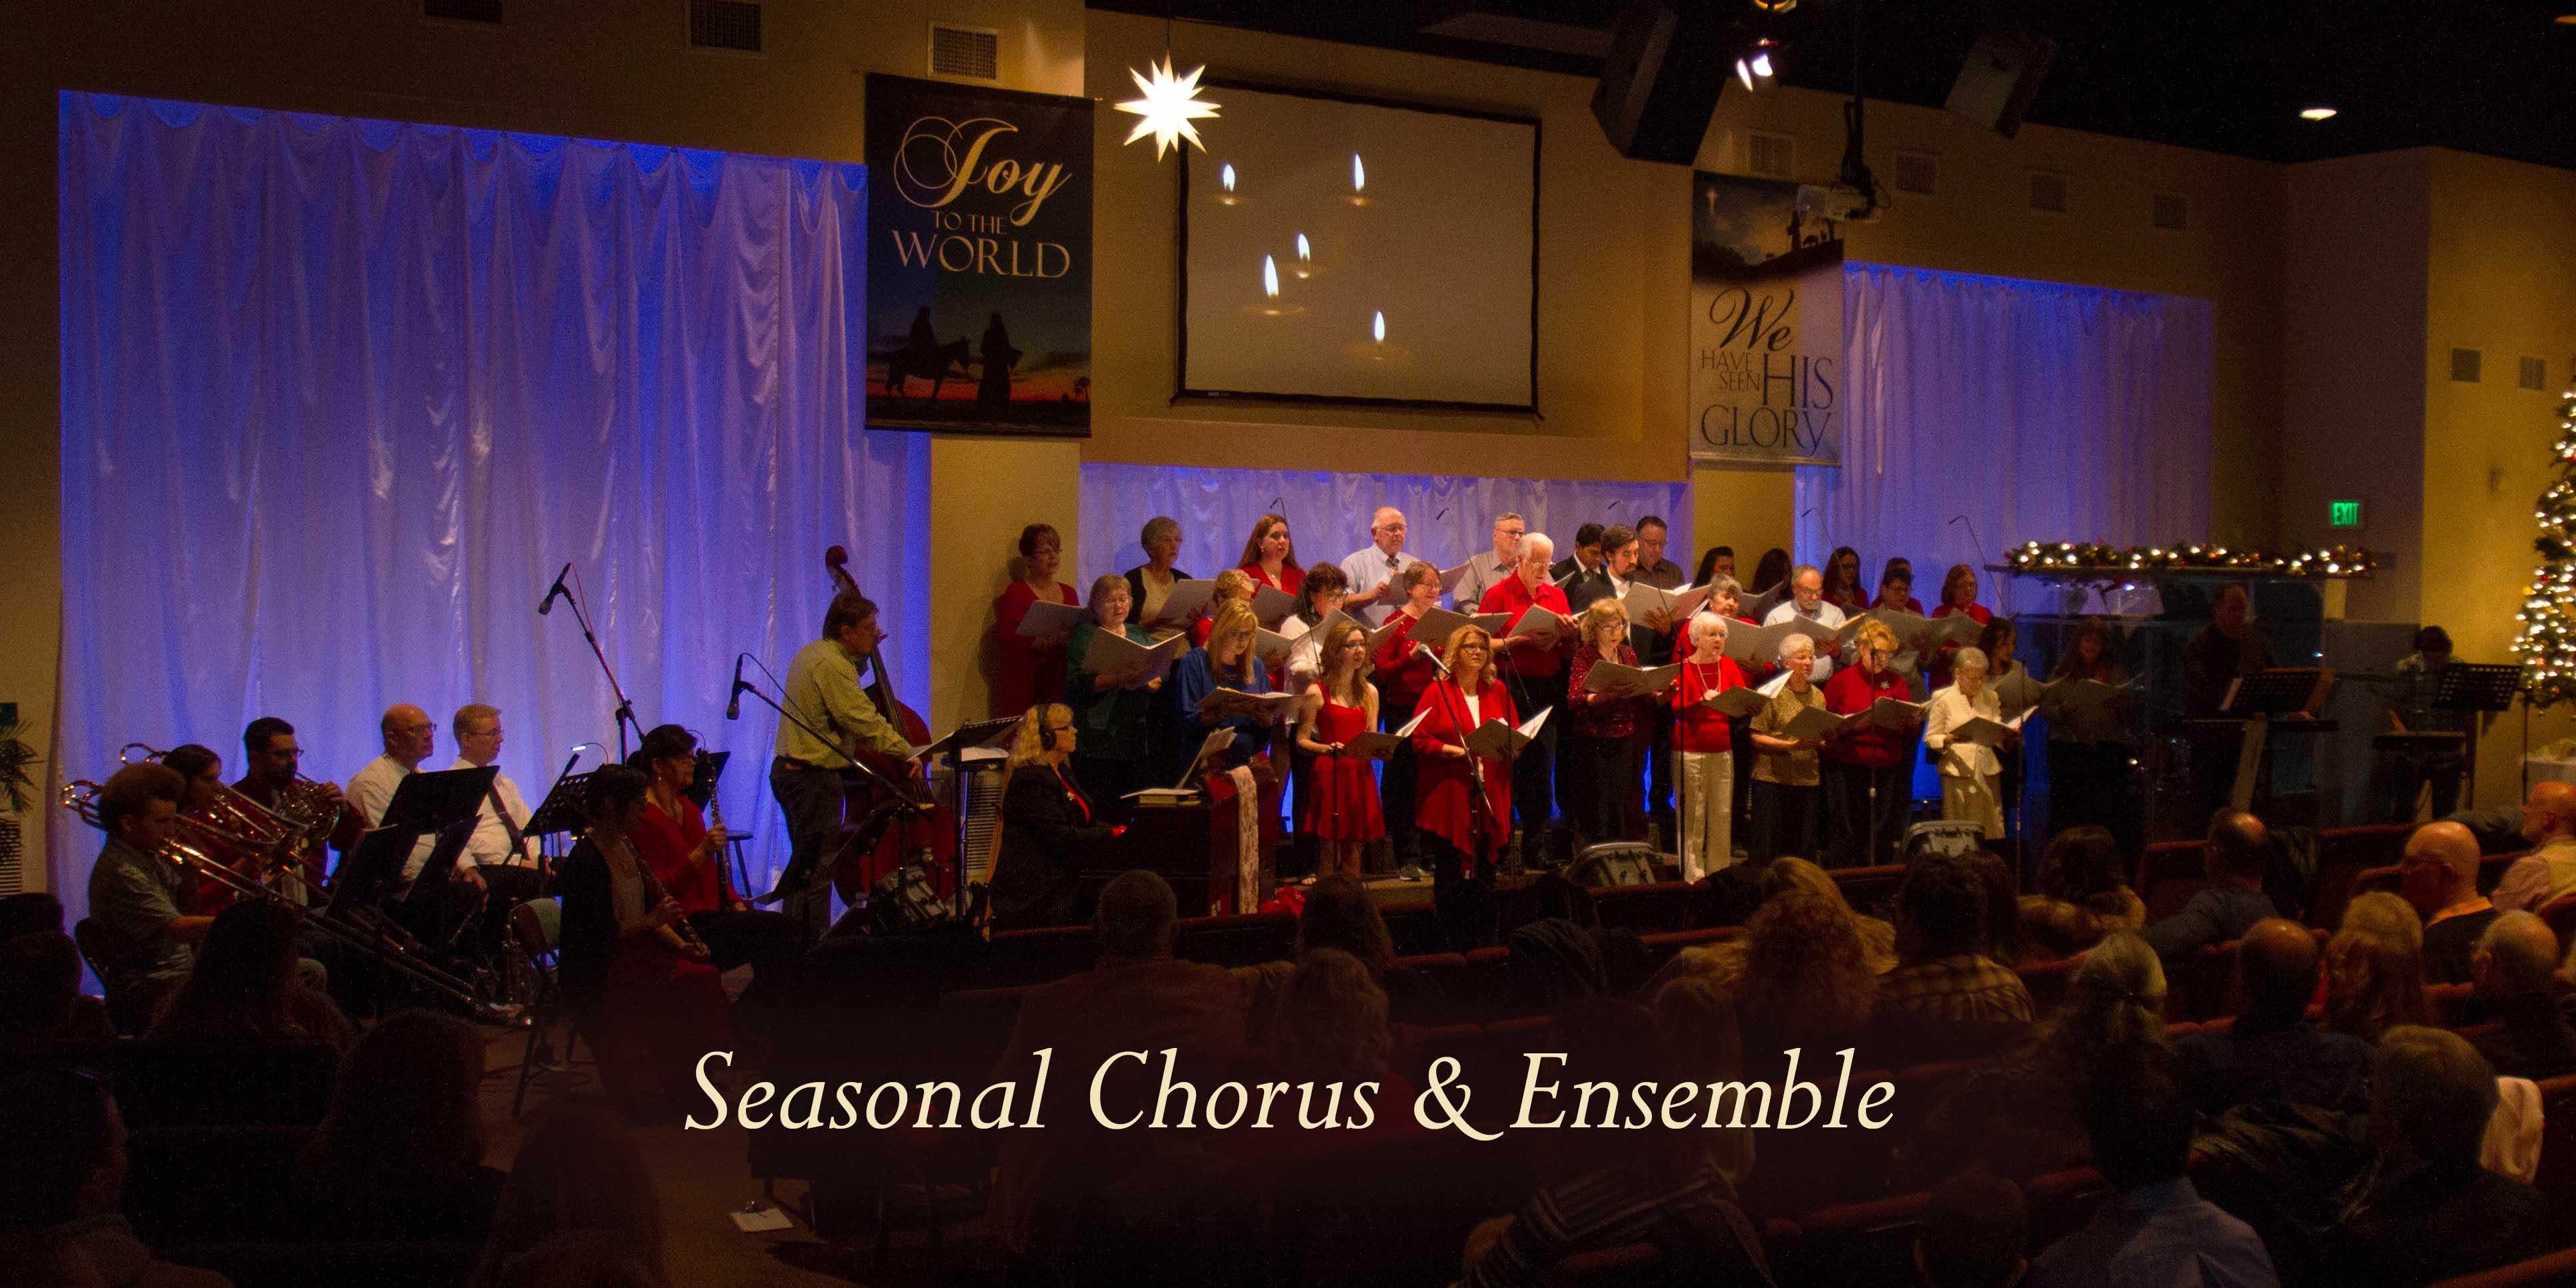 Seasonal-Chorus-Generic